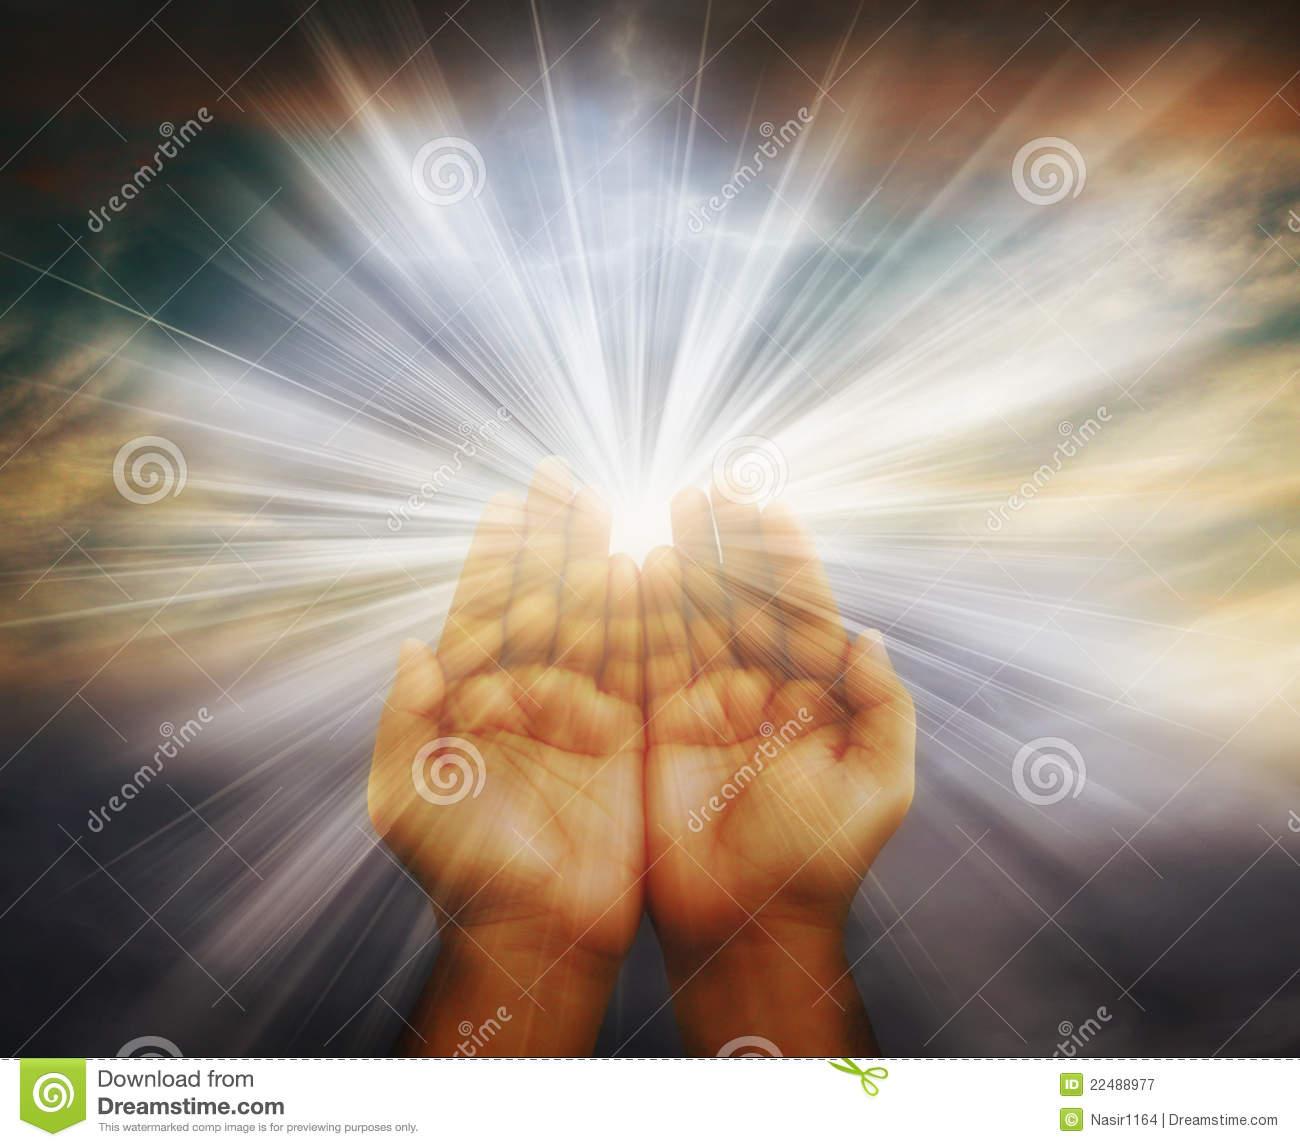 Lumière spirituelle dans nos mains